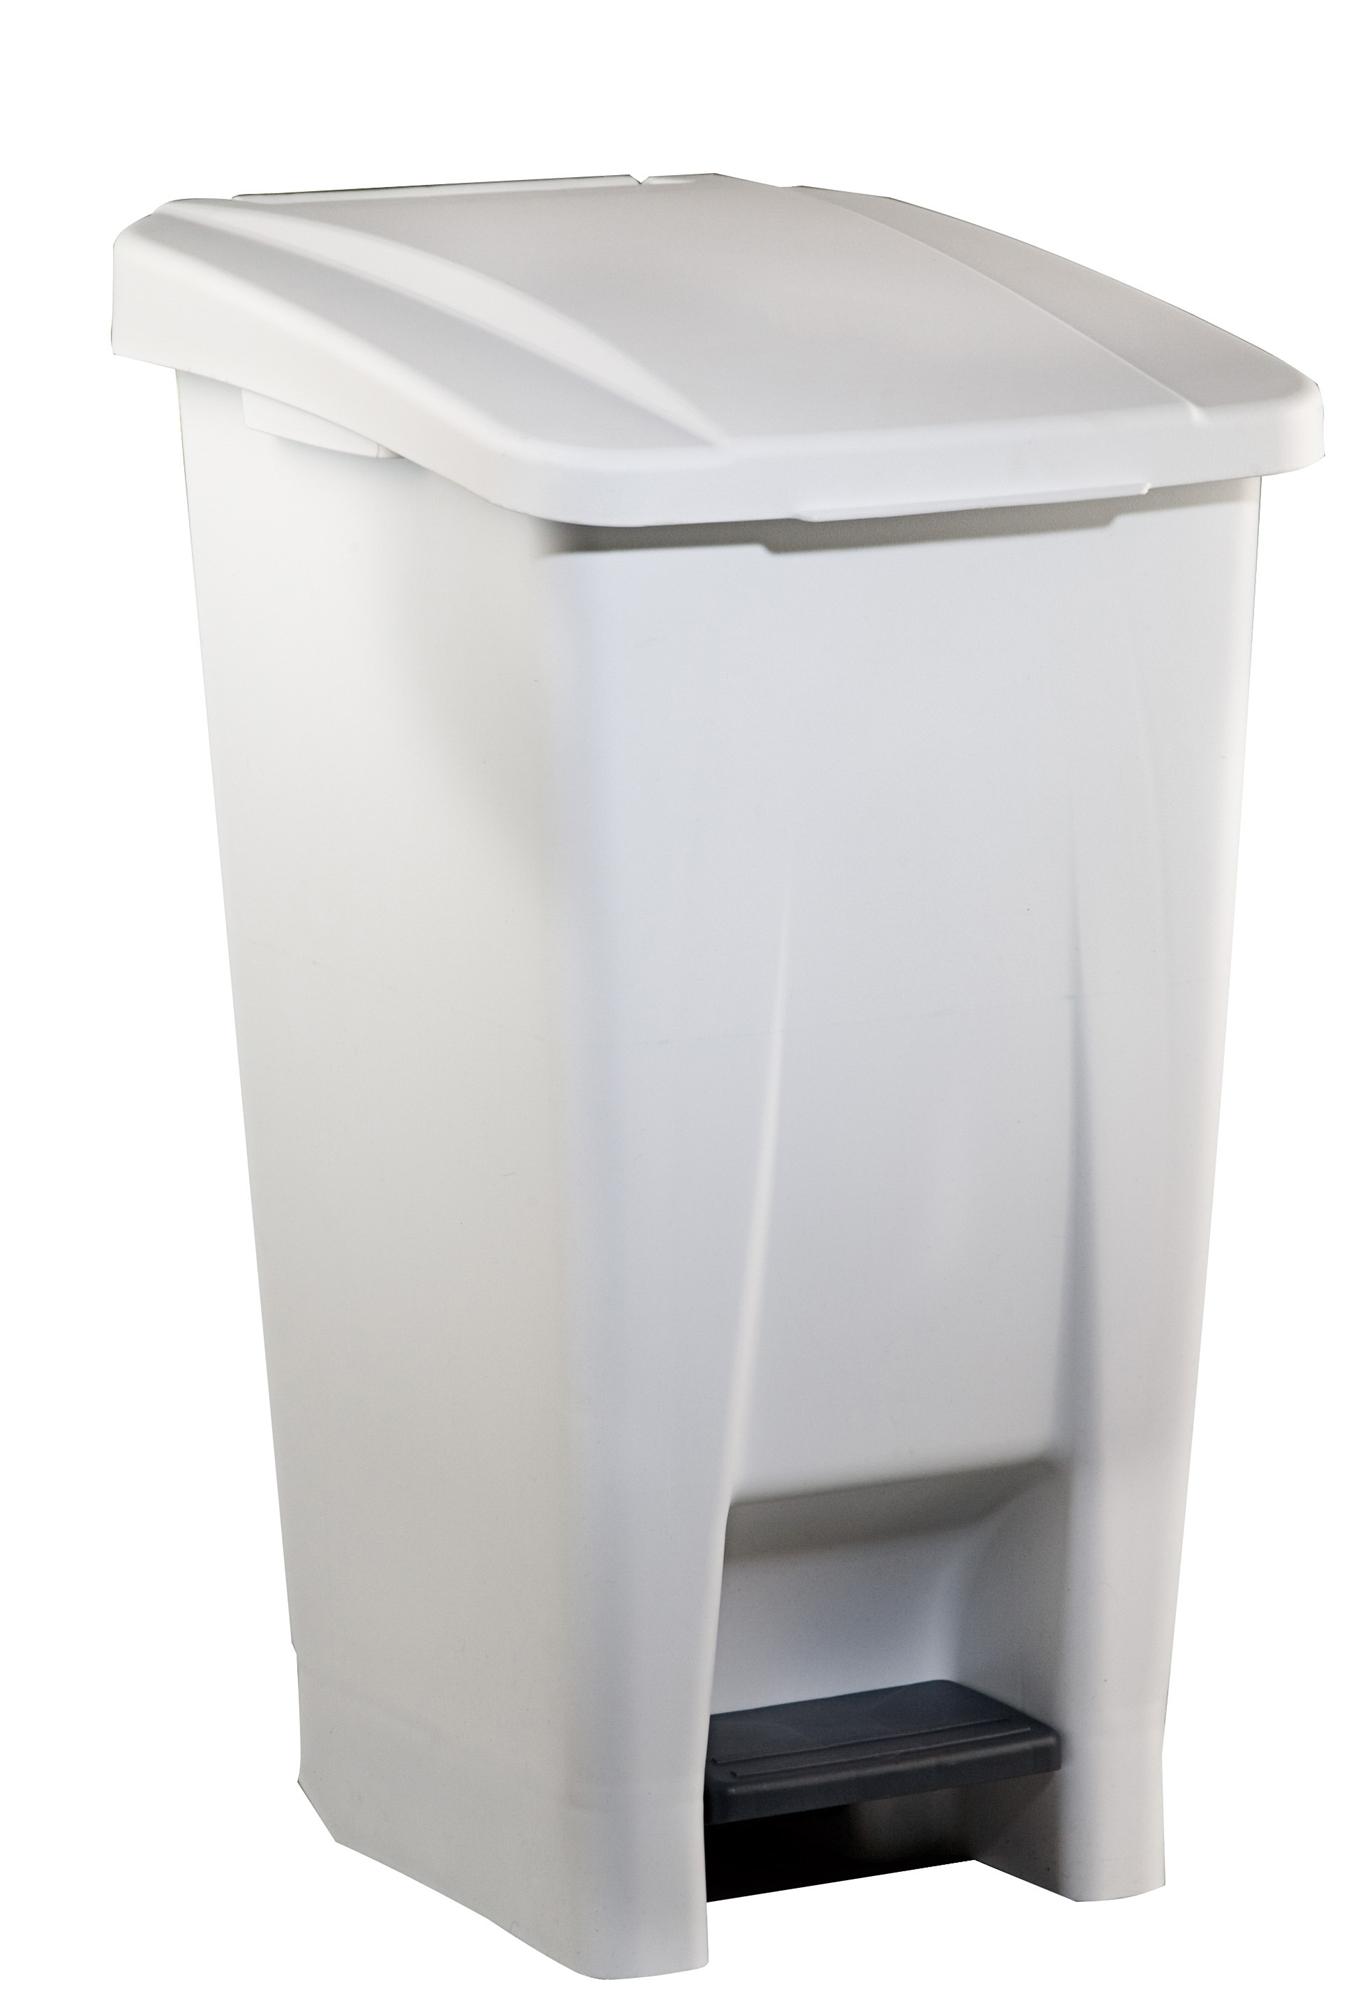 Poubelle de cuisine rossignol 60 litres haccp couvercle blanc - Couvercle de poubelle automatique ...